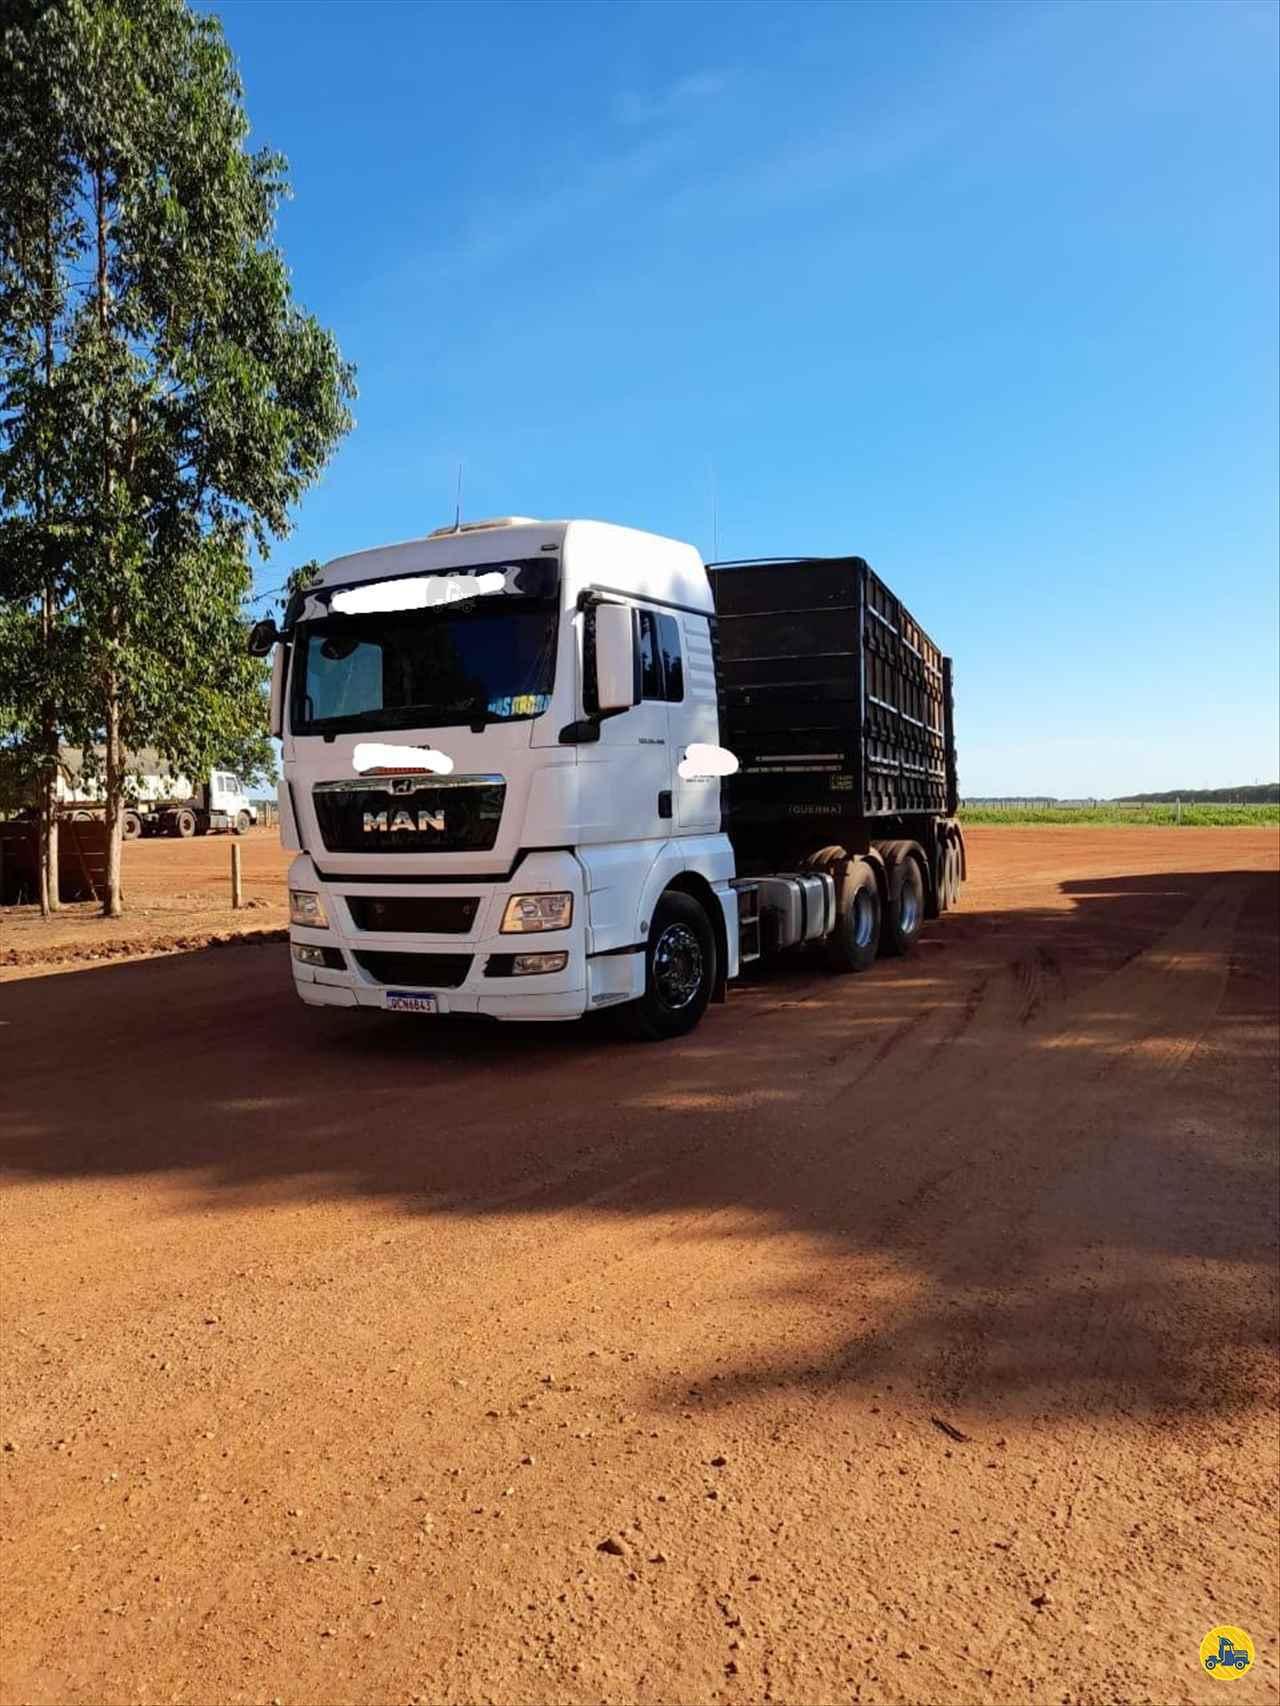 CAMINHAO MAN TGX 29 480 Cavalo Mecânico Traçado 6x4 Cotral Caminhões SERRA DO SALITRE MINAS GERAIS MG